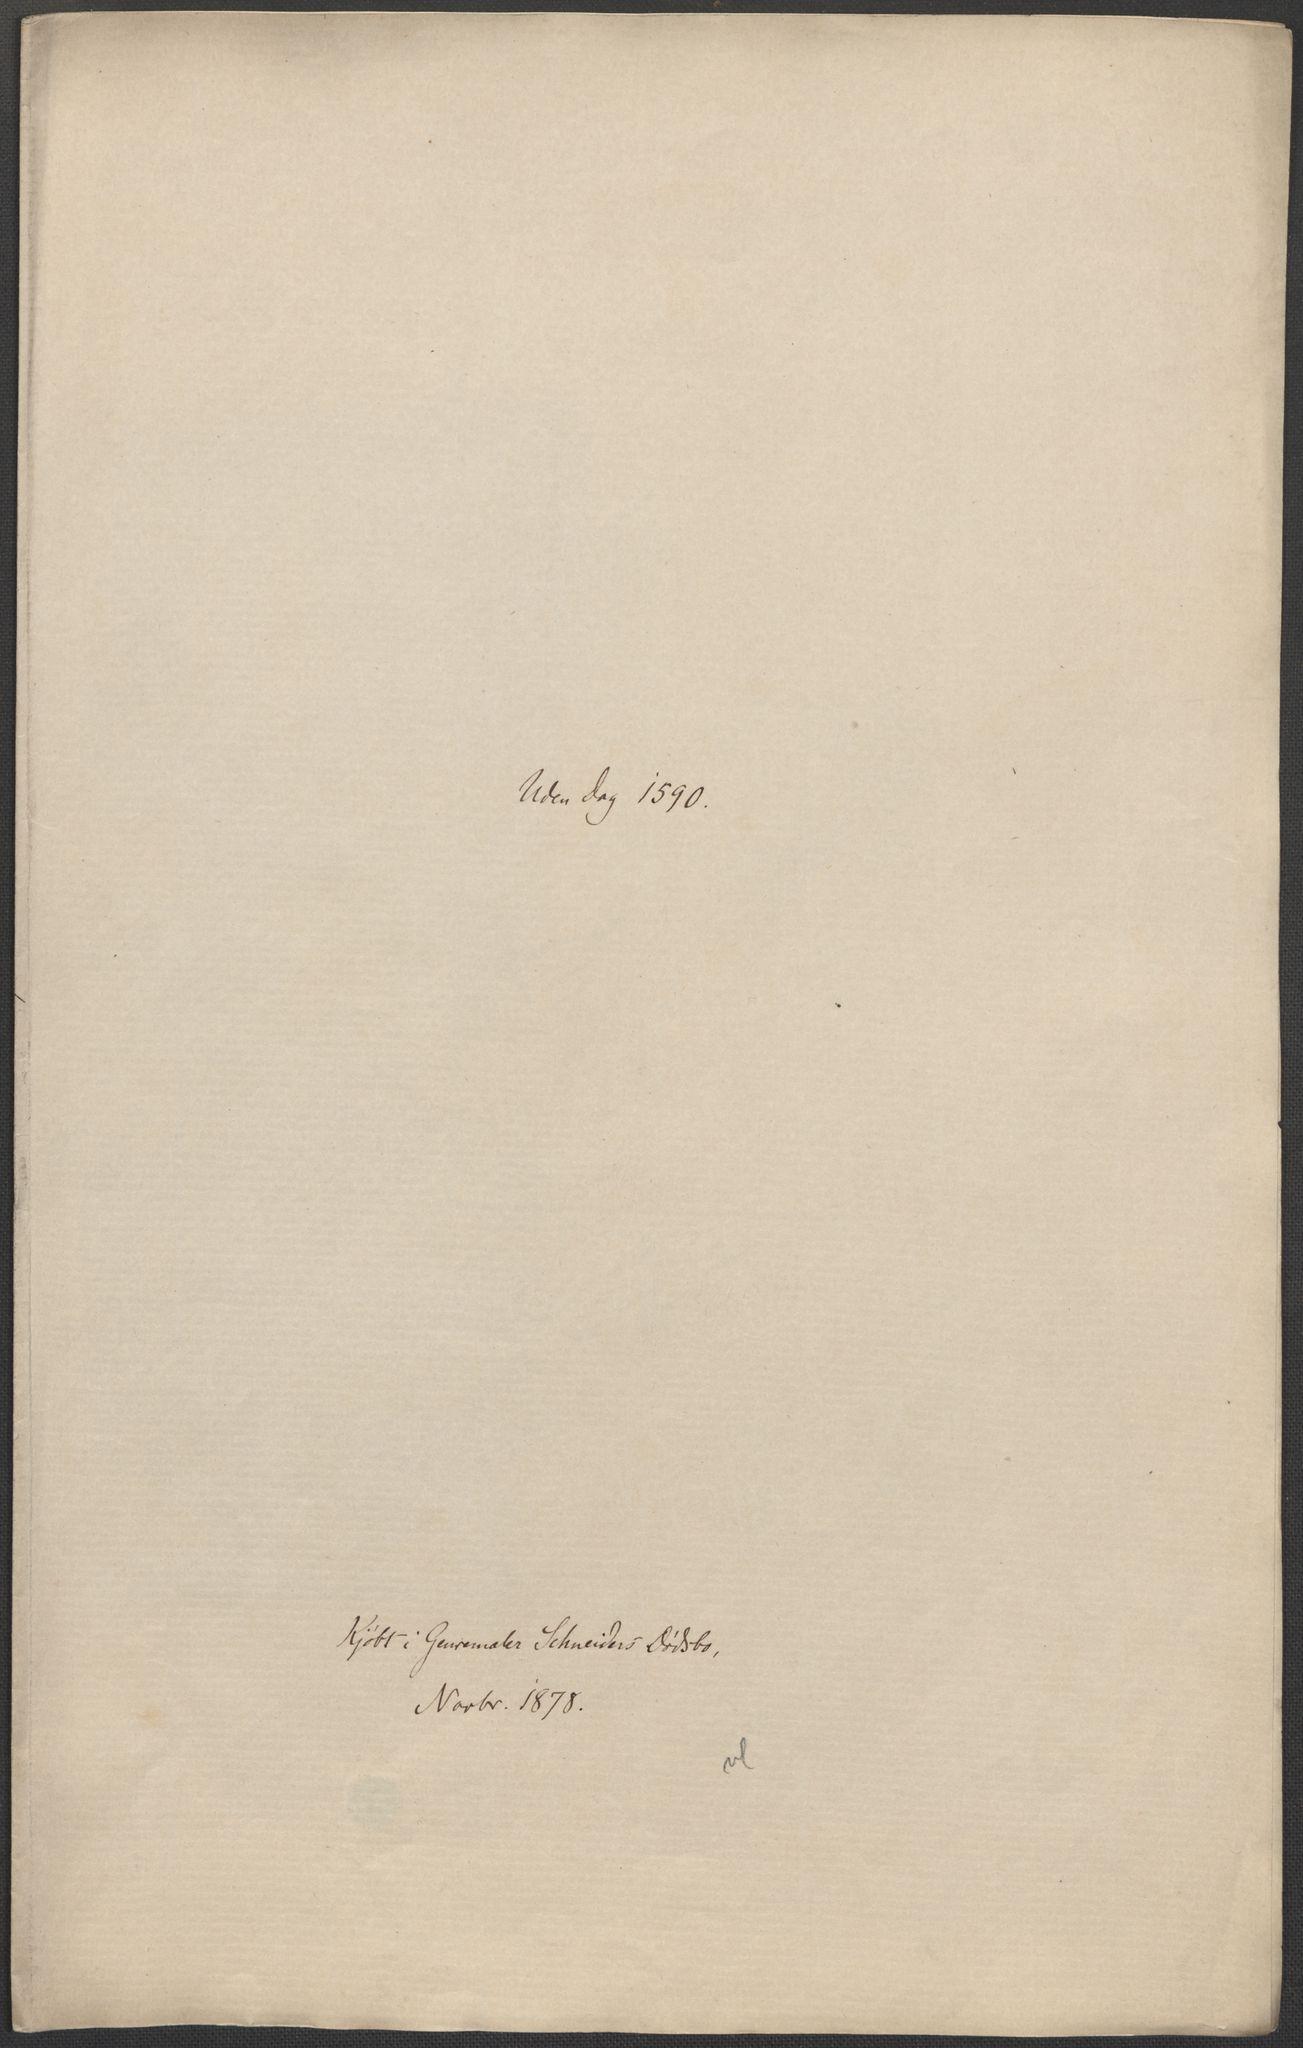 RA, Riksarkivets diplomsamling, F02/L0092: Dokumenter, 1590, s. 46